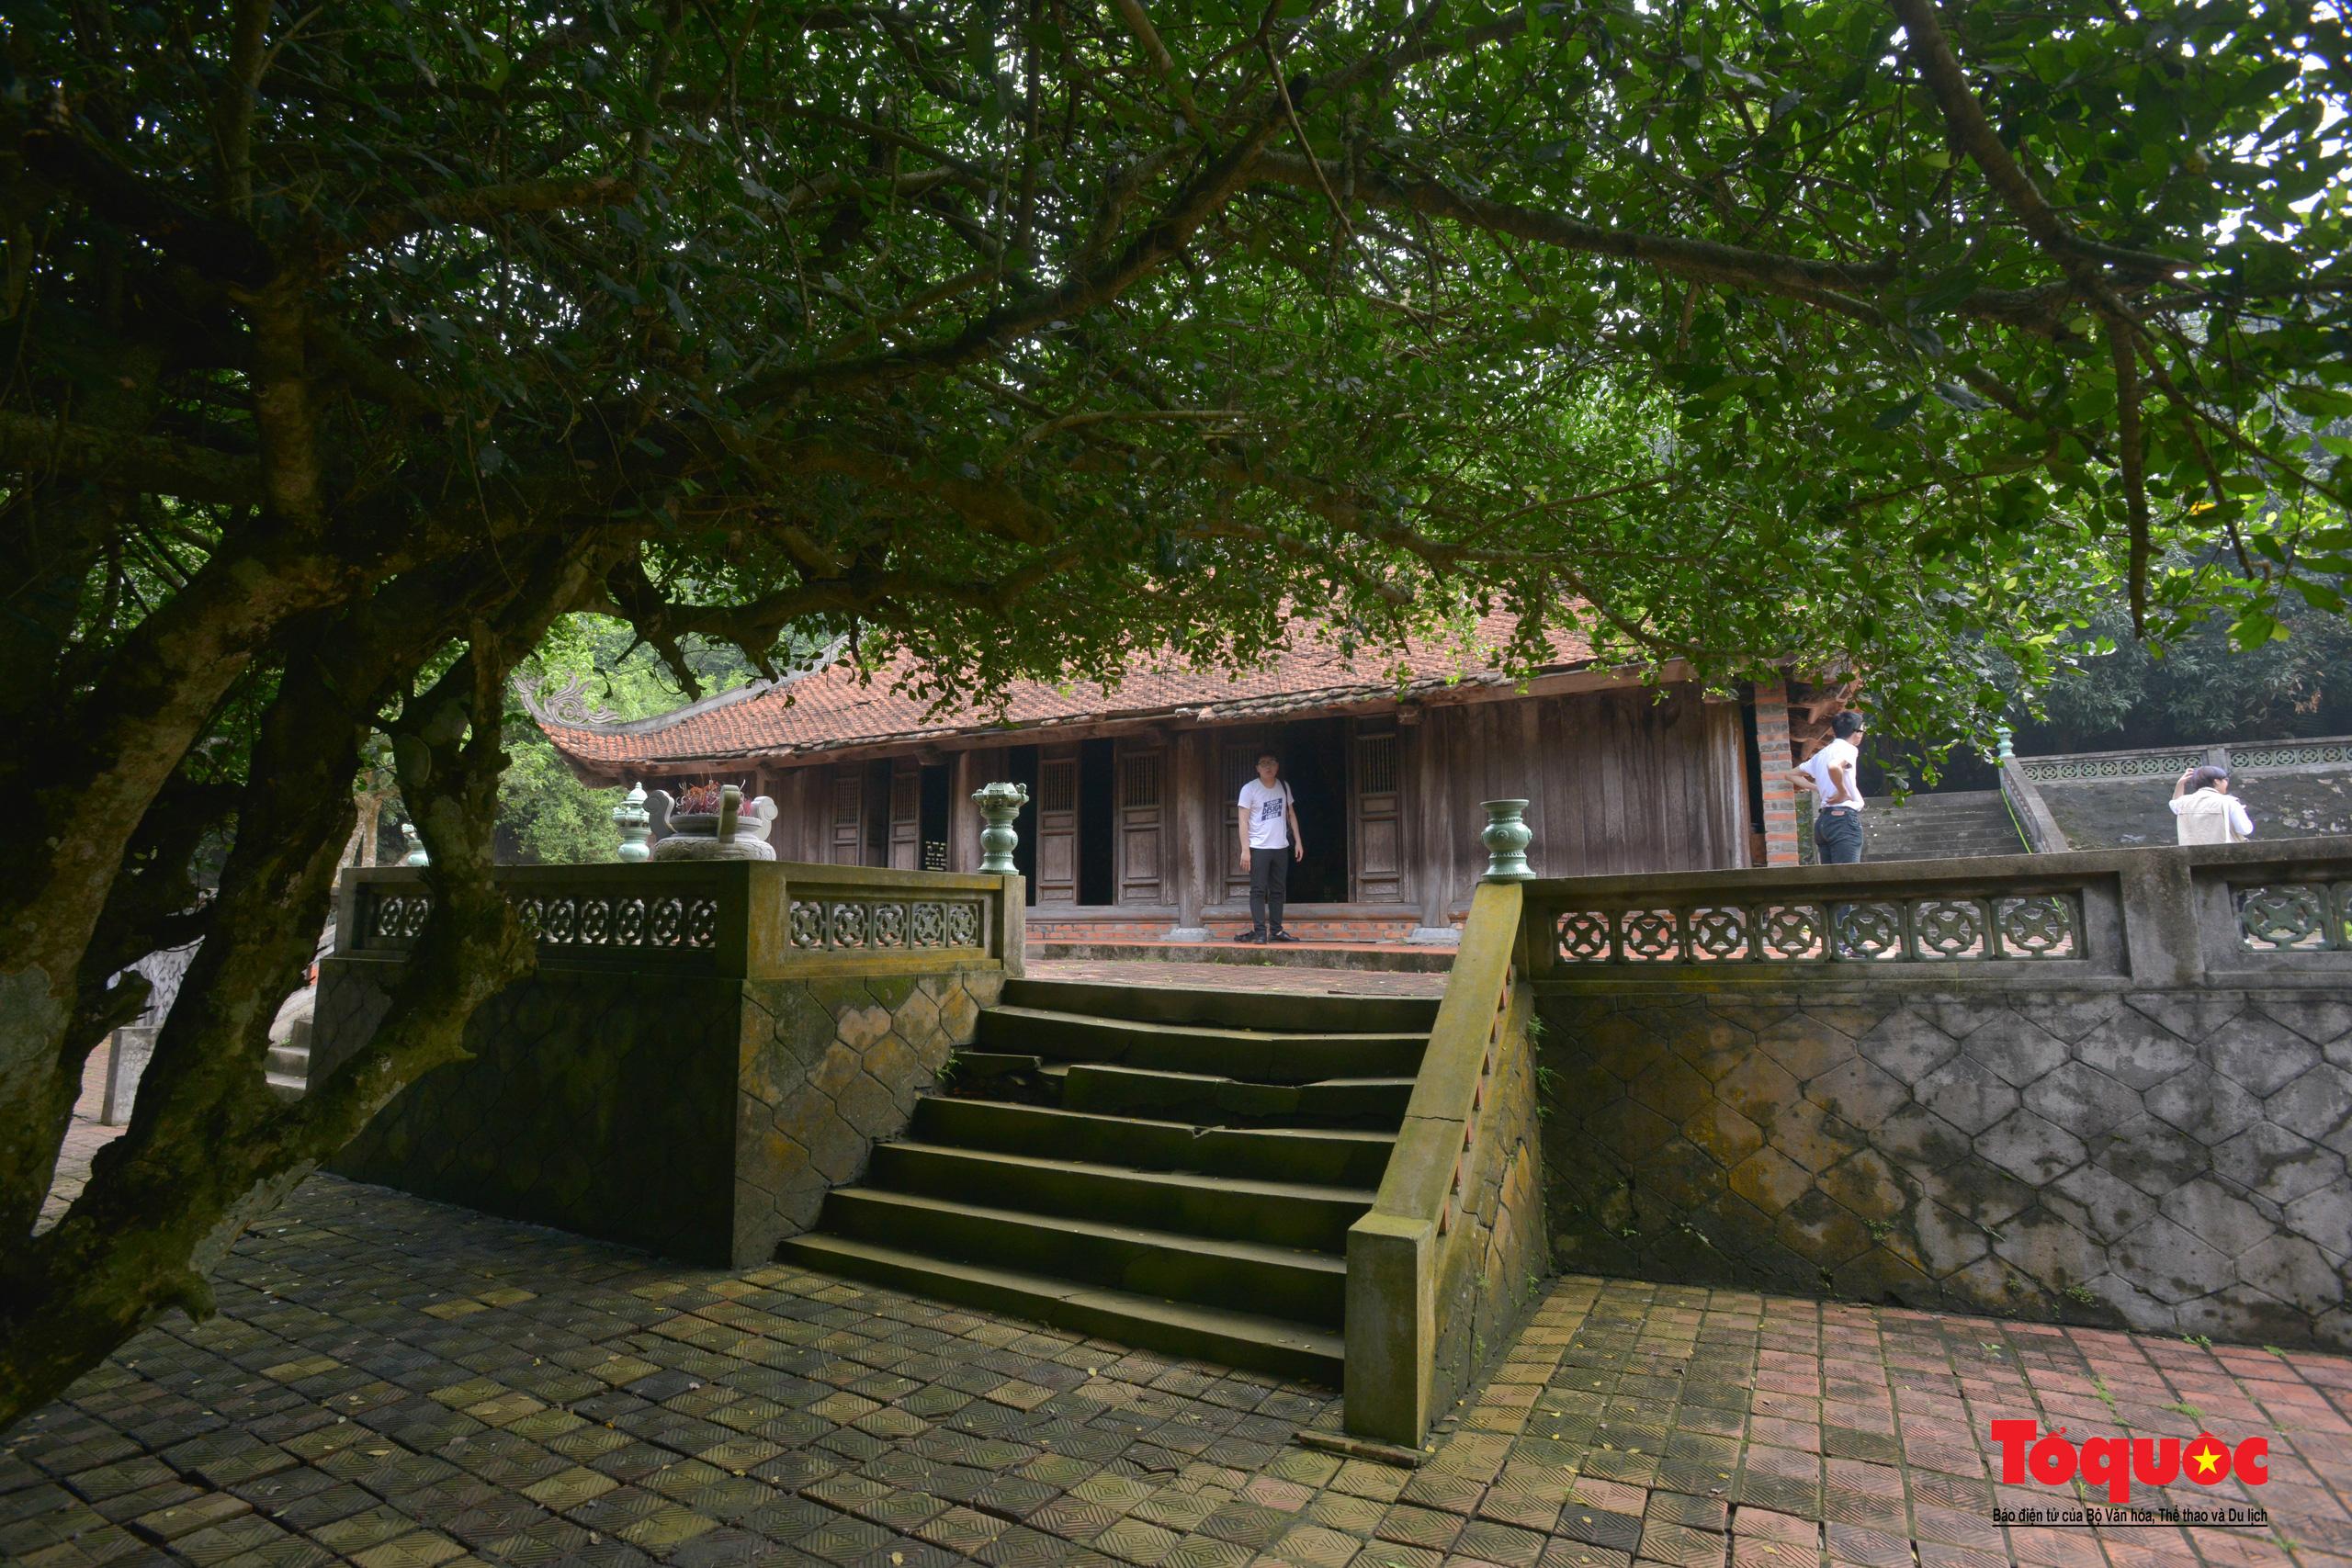 Khám phá ngôi chùa 800 tuổi giữa trùng khơi biển cả - Ảnh 6.